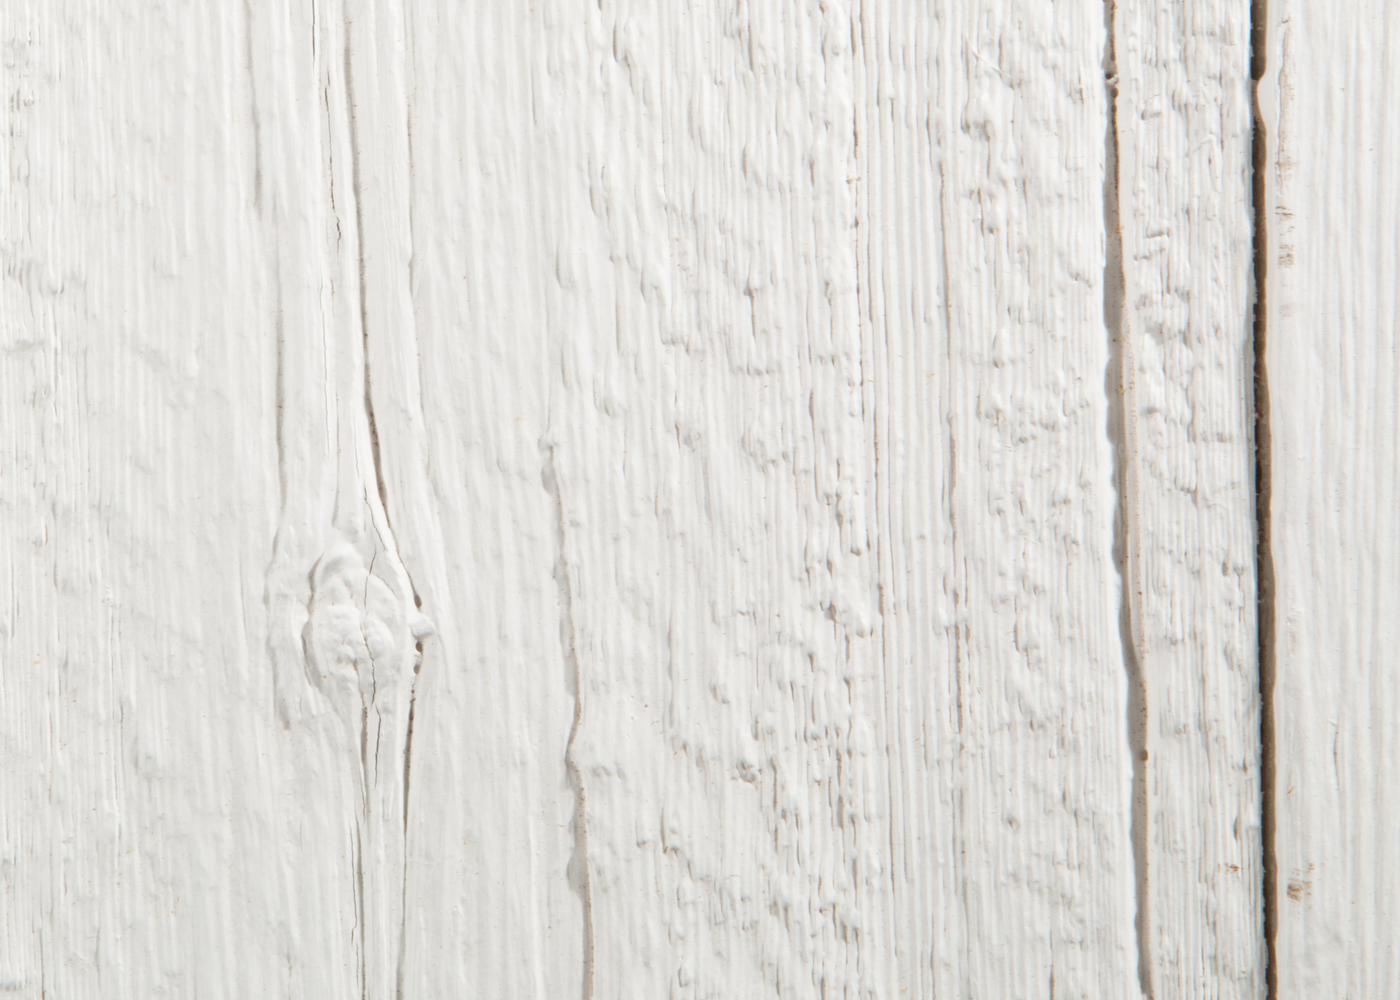 Bardage Bois Us Déligné Raboté Campagne Vieilli Peinture d'Aujourd'hui Blanc Dense